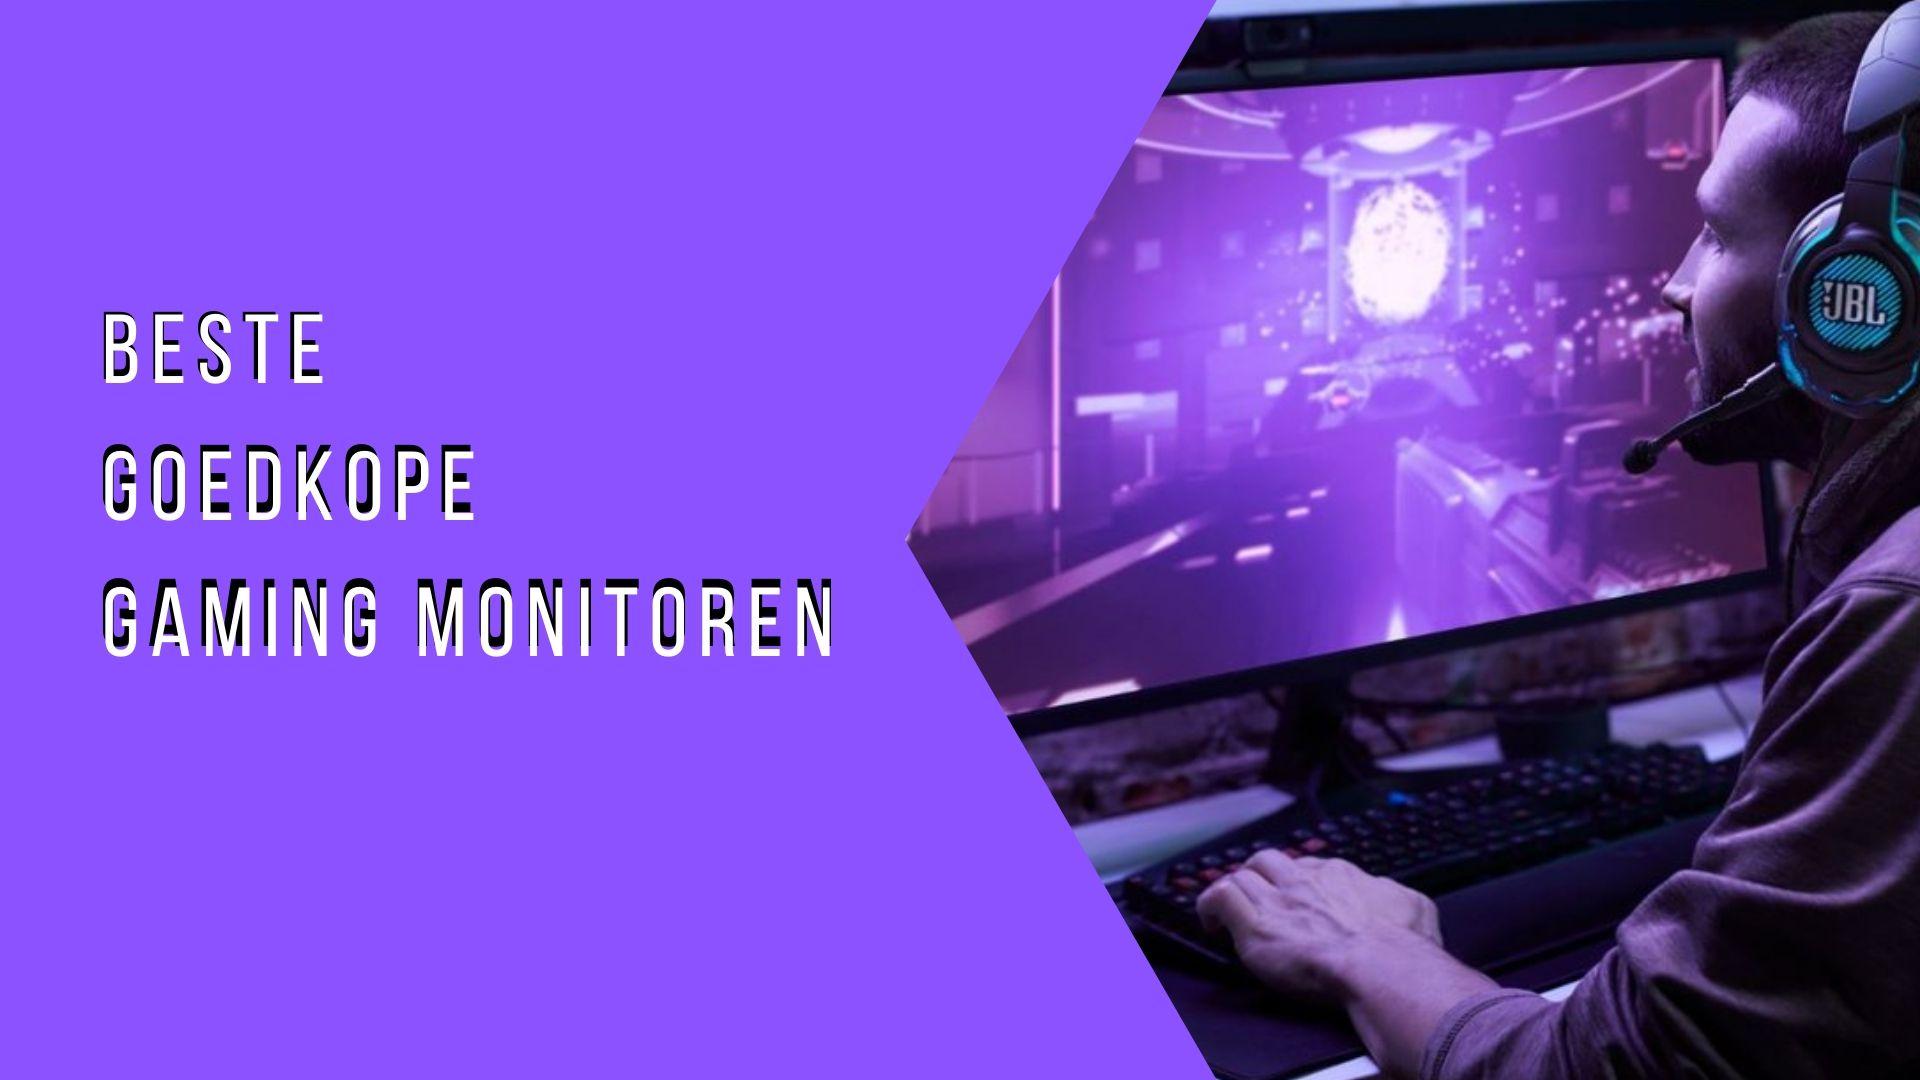 De beste goedkope gaming monitoren